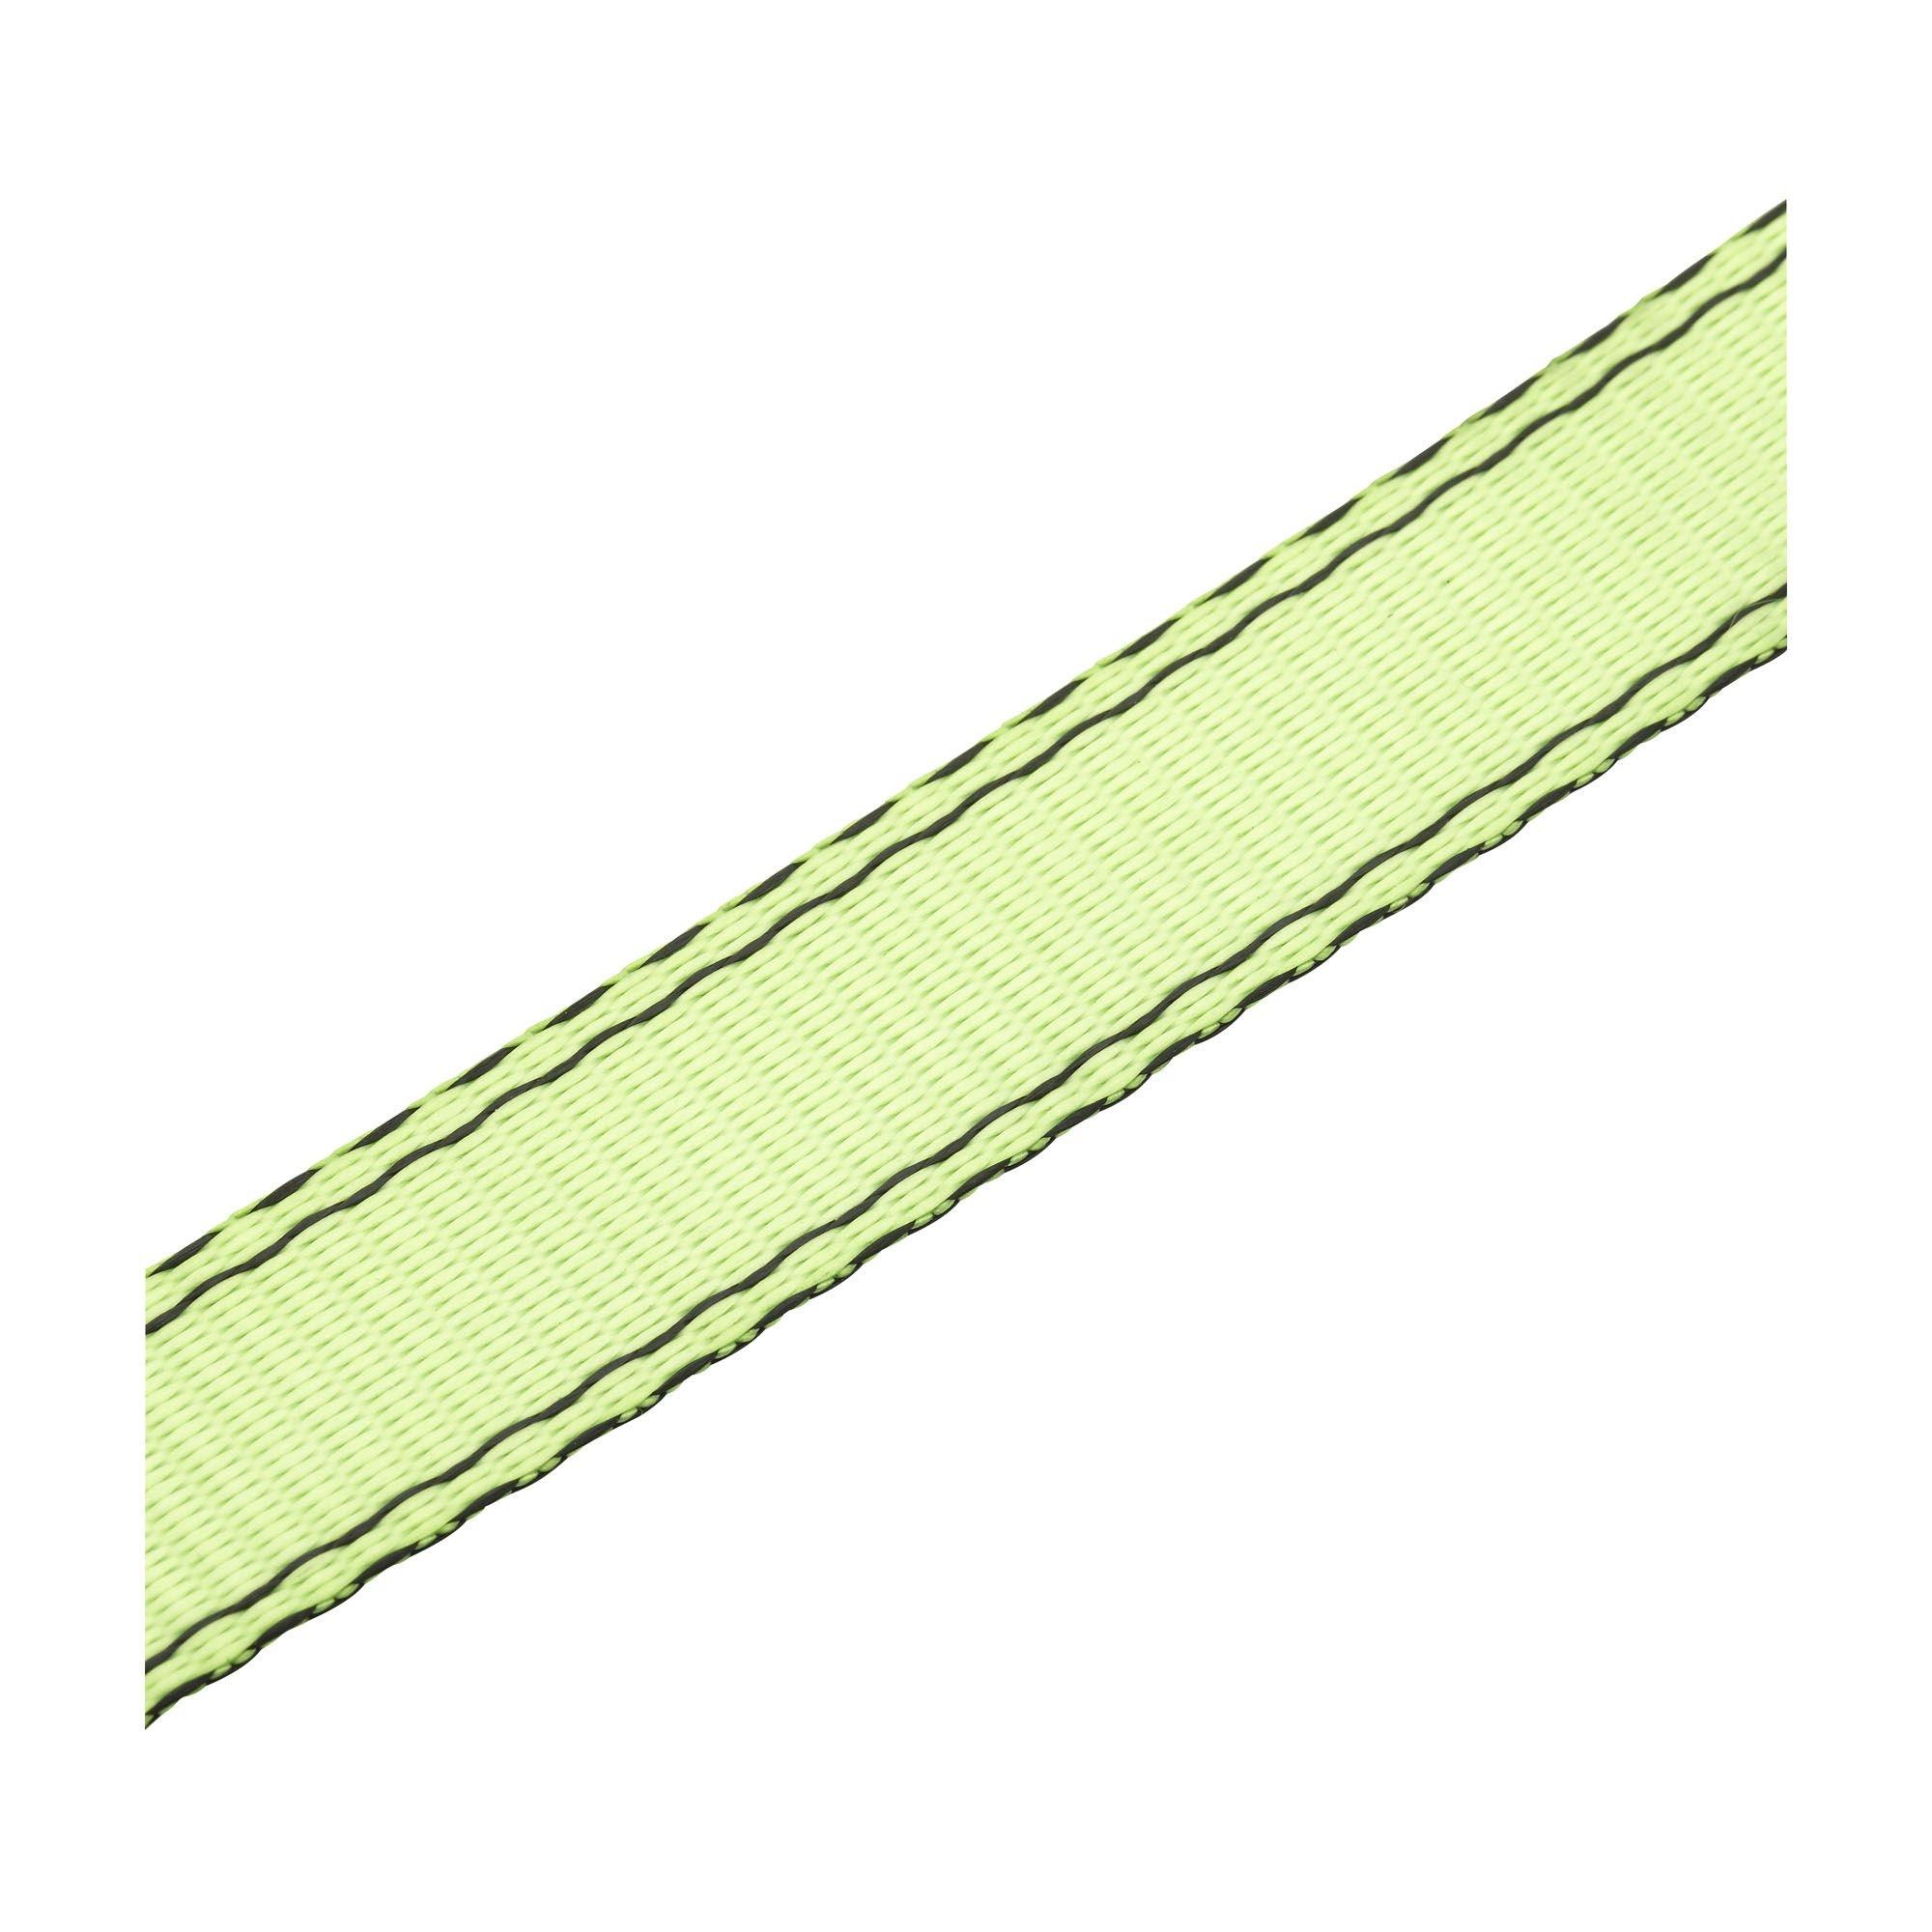 Chinga fixare catarama 25 mm x 2.5m 200 kg